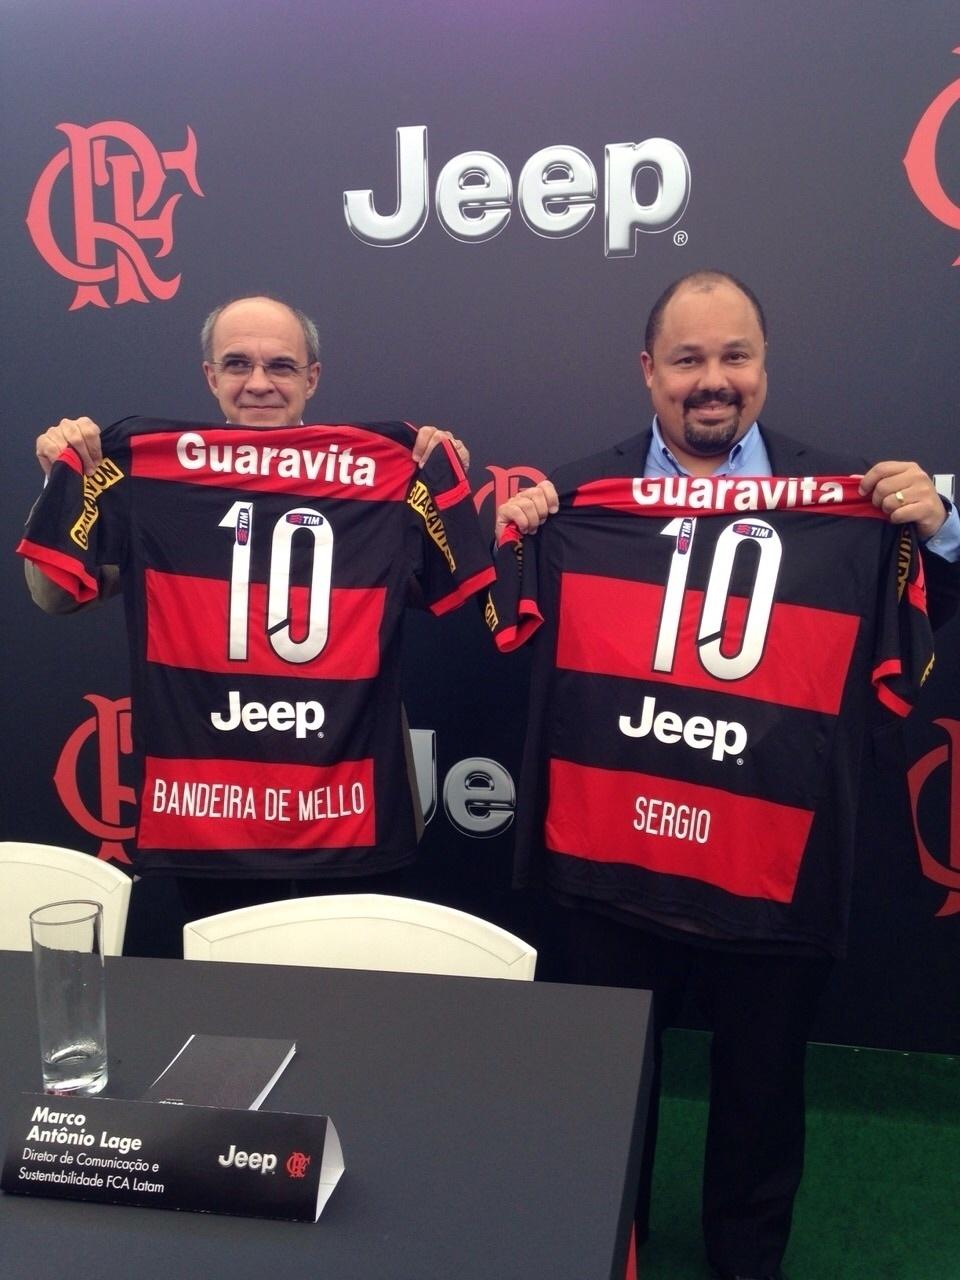 07403276a2 Camisa de R  81 milhões do Fla é só até dezembro. E depois  - 14 05 2015 -  UOL Esporte